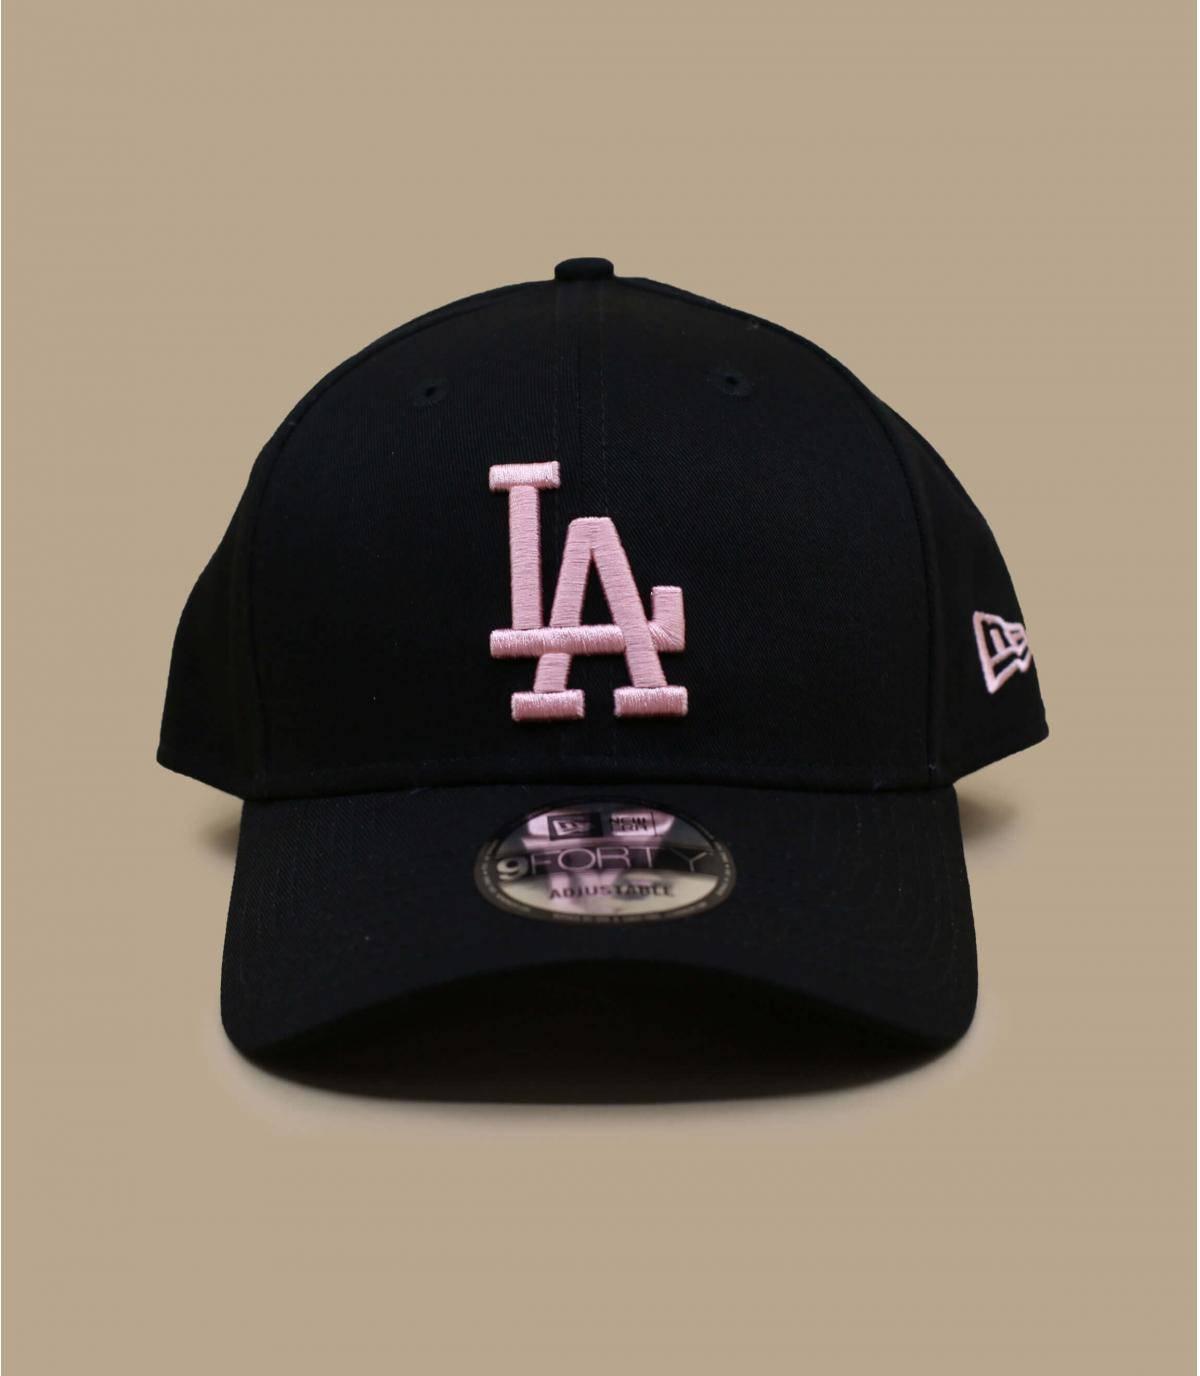 casquette LA noir rose